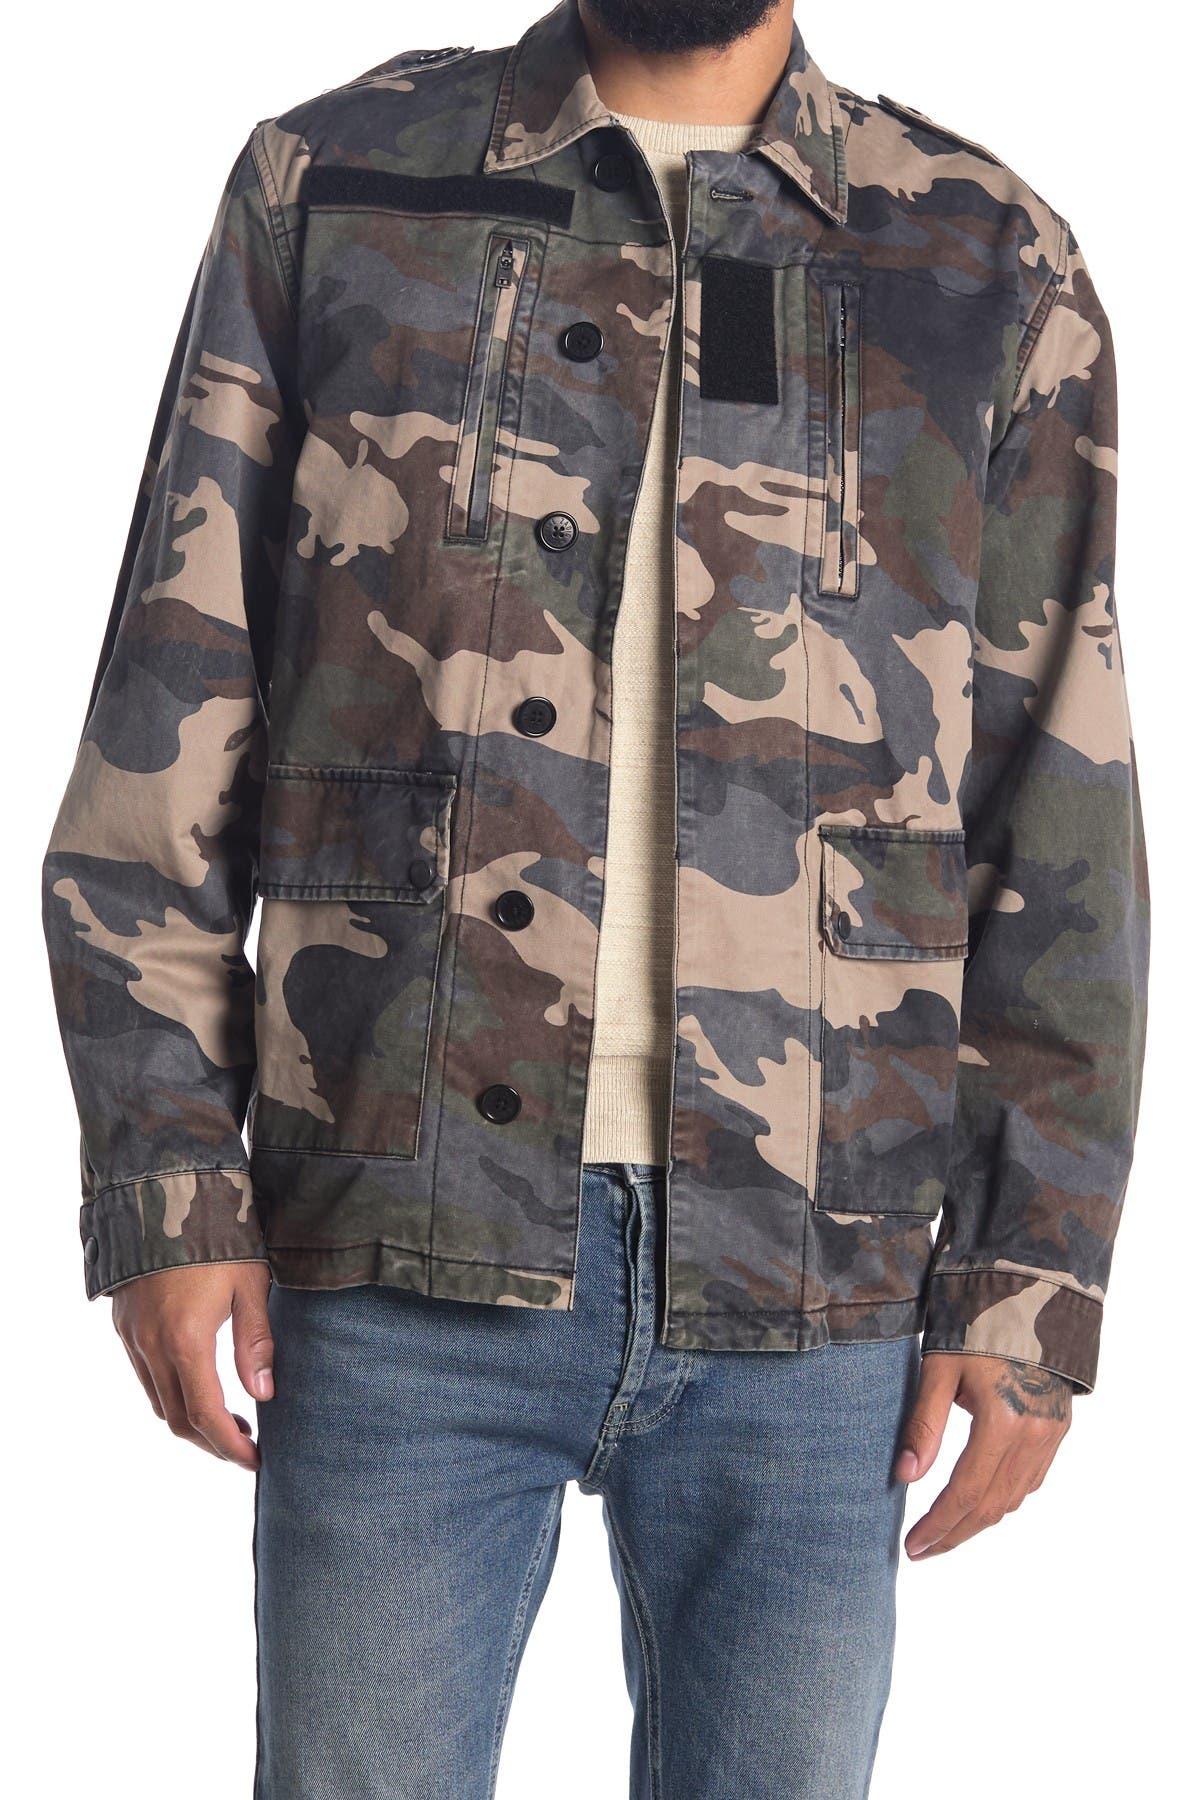 Image of Zadig & Voltaire Kido Camo Print Jacket